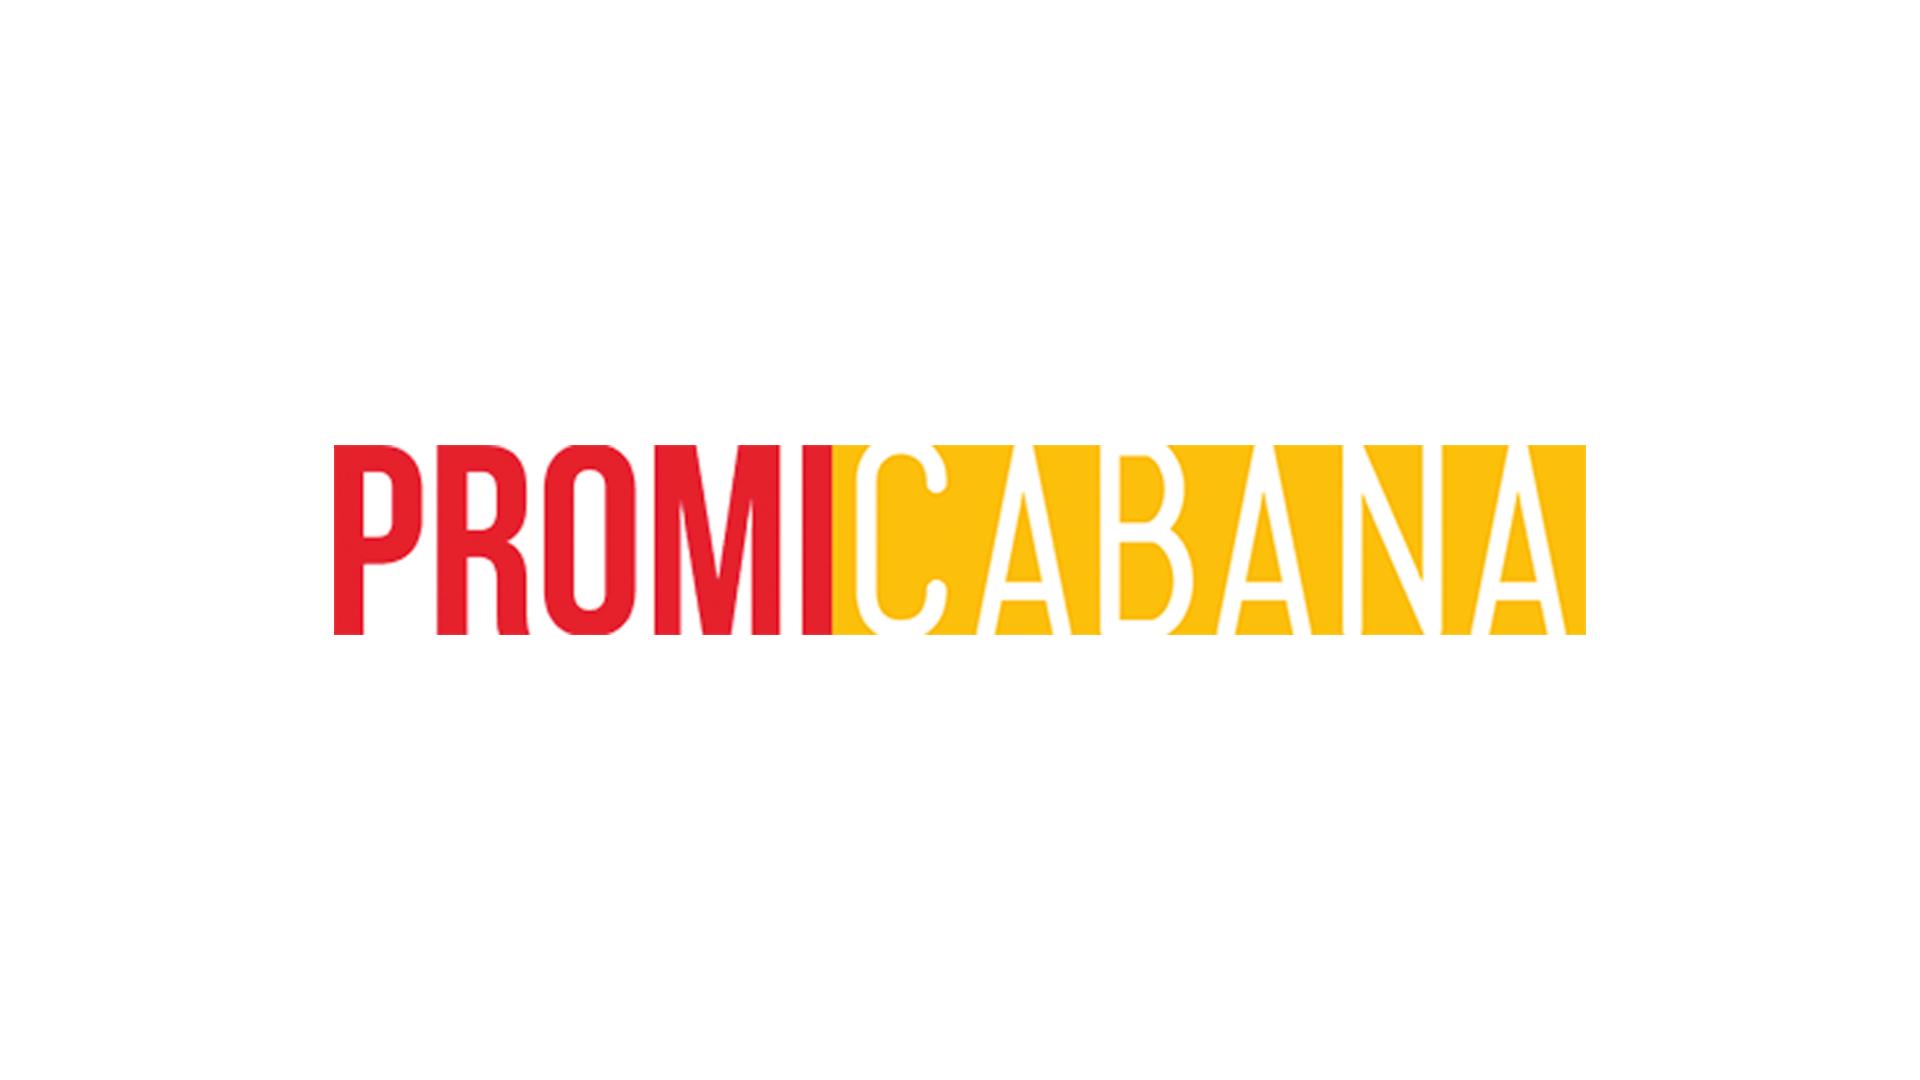 Justin-Bieber-El-Hormiguero-zauberwuerfel